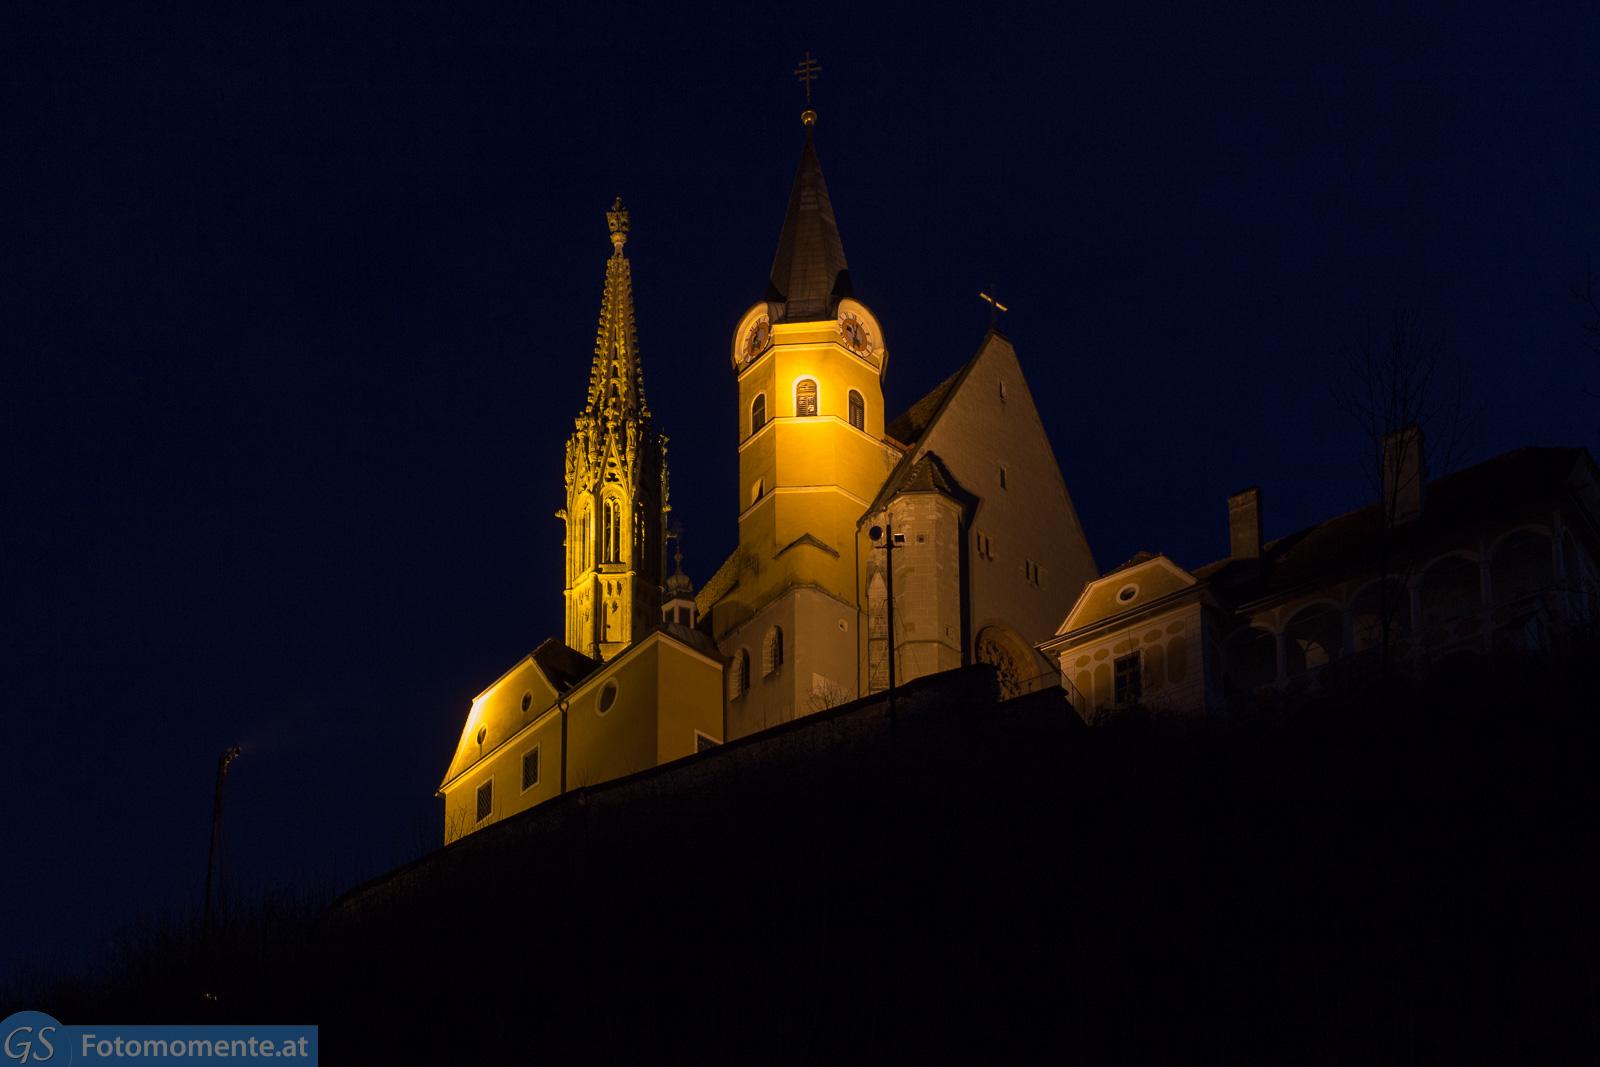 Wallfahrtskirche Maria Straßengel 5 - Wallfahrtskirche Maria Straßengel - Tag und Nacht